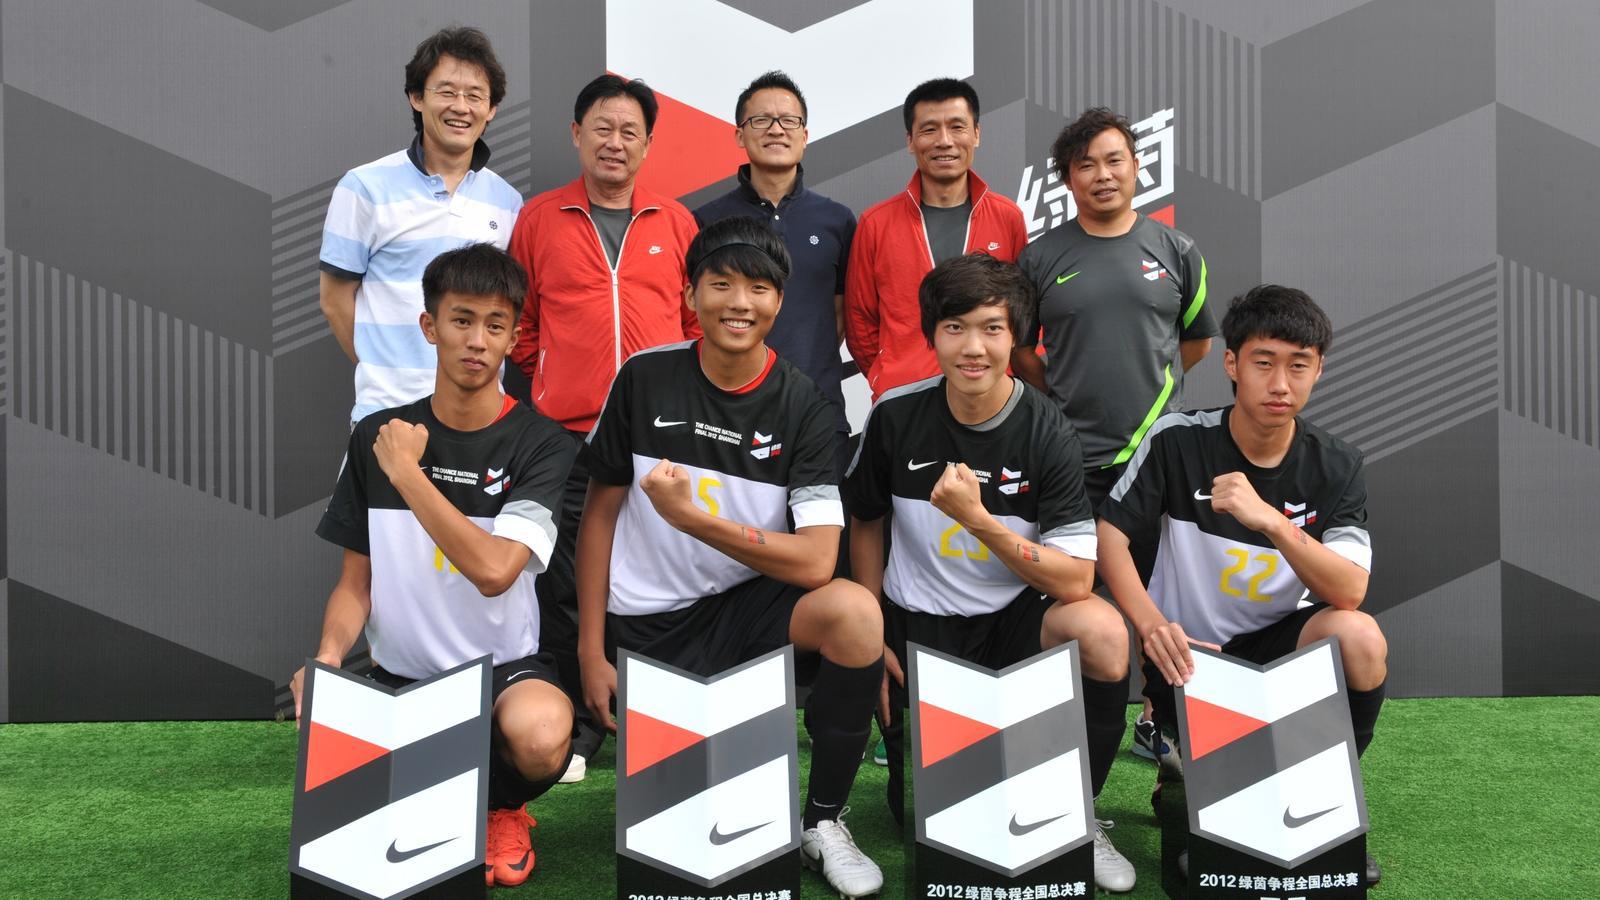 GC_The_Chance_National_Final_Winners-Pan_Suijun__Liu_Xueming__Wang_Chengkuai_and_Guan_Bo